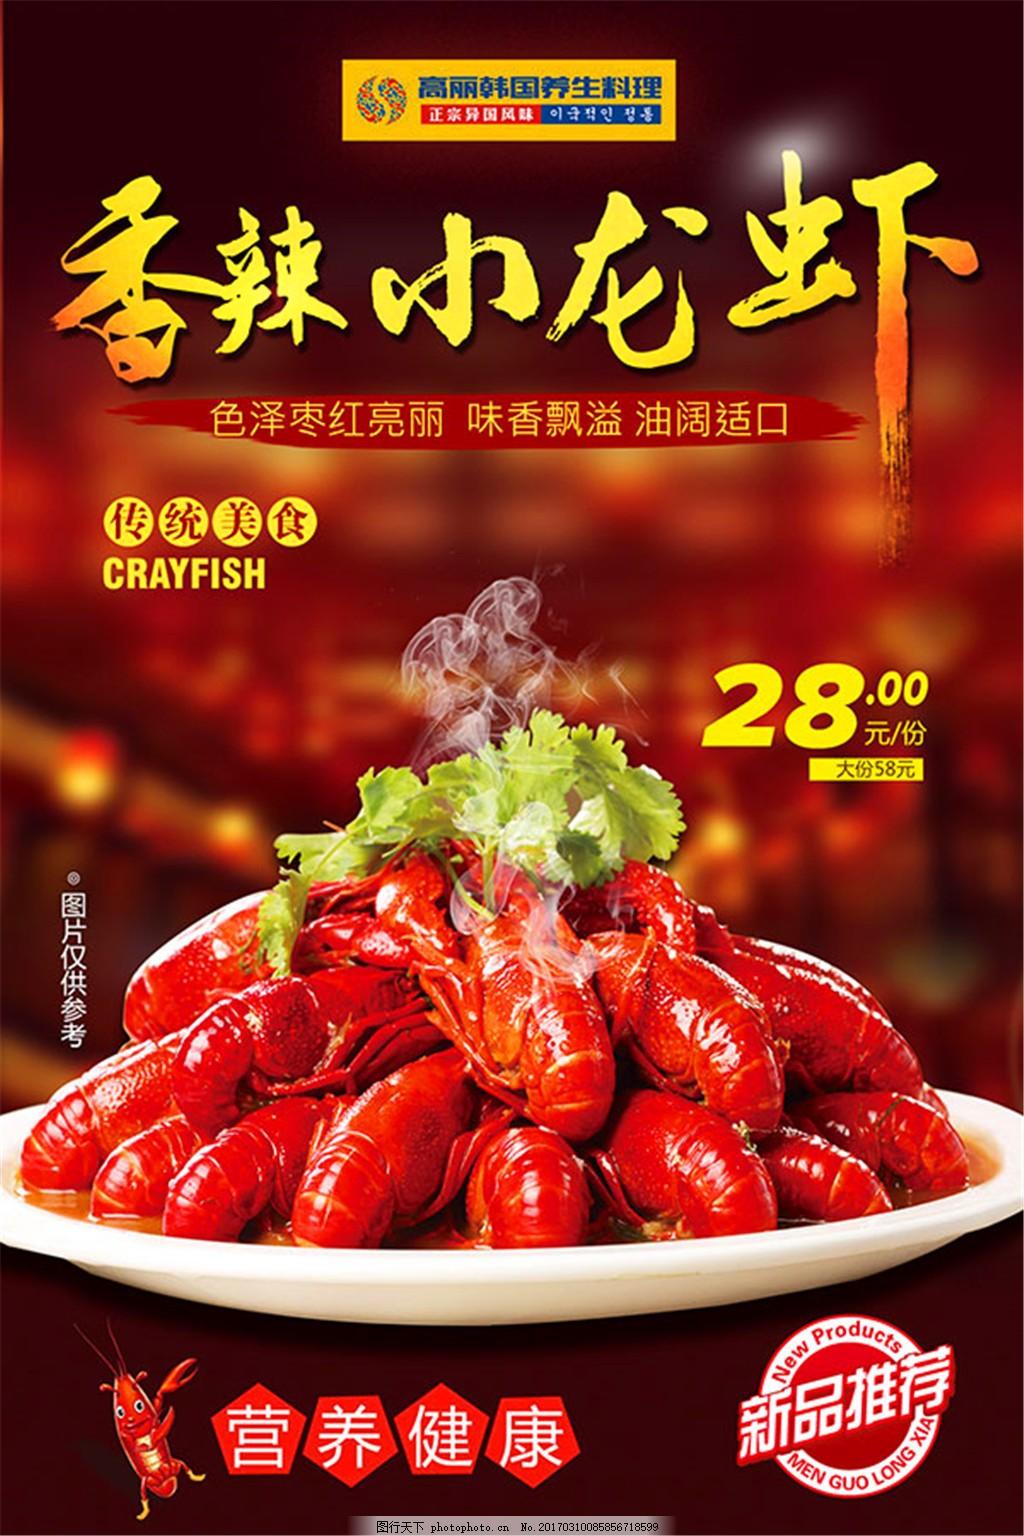 小龙虾海报 小龙虾宣传单 美食海报 美食广告 香辣小龙虾 传统美食